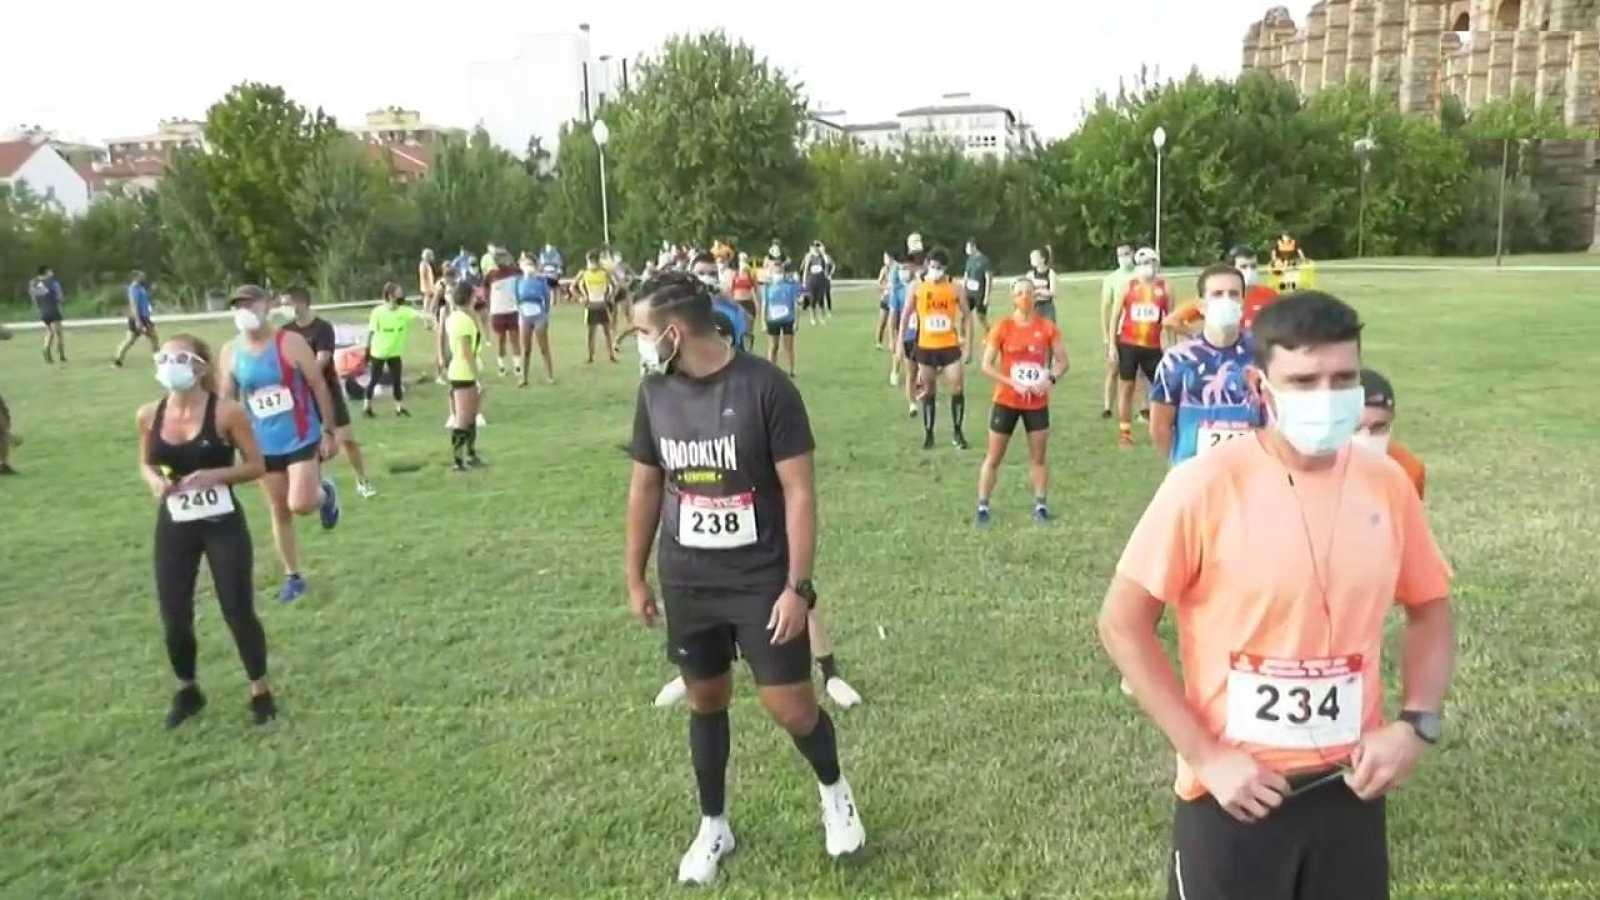 Atletismo - Circuito Music Run España - Music Run Mérida  - ver ahora